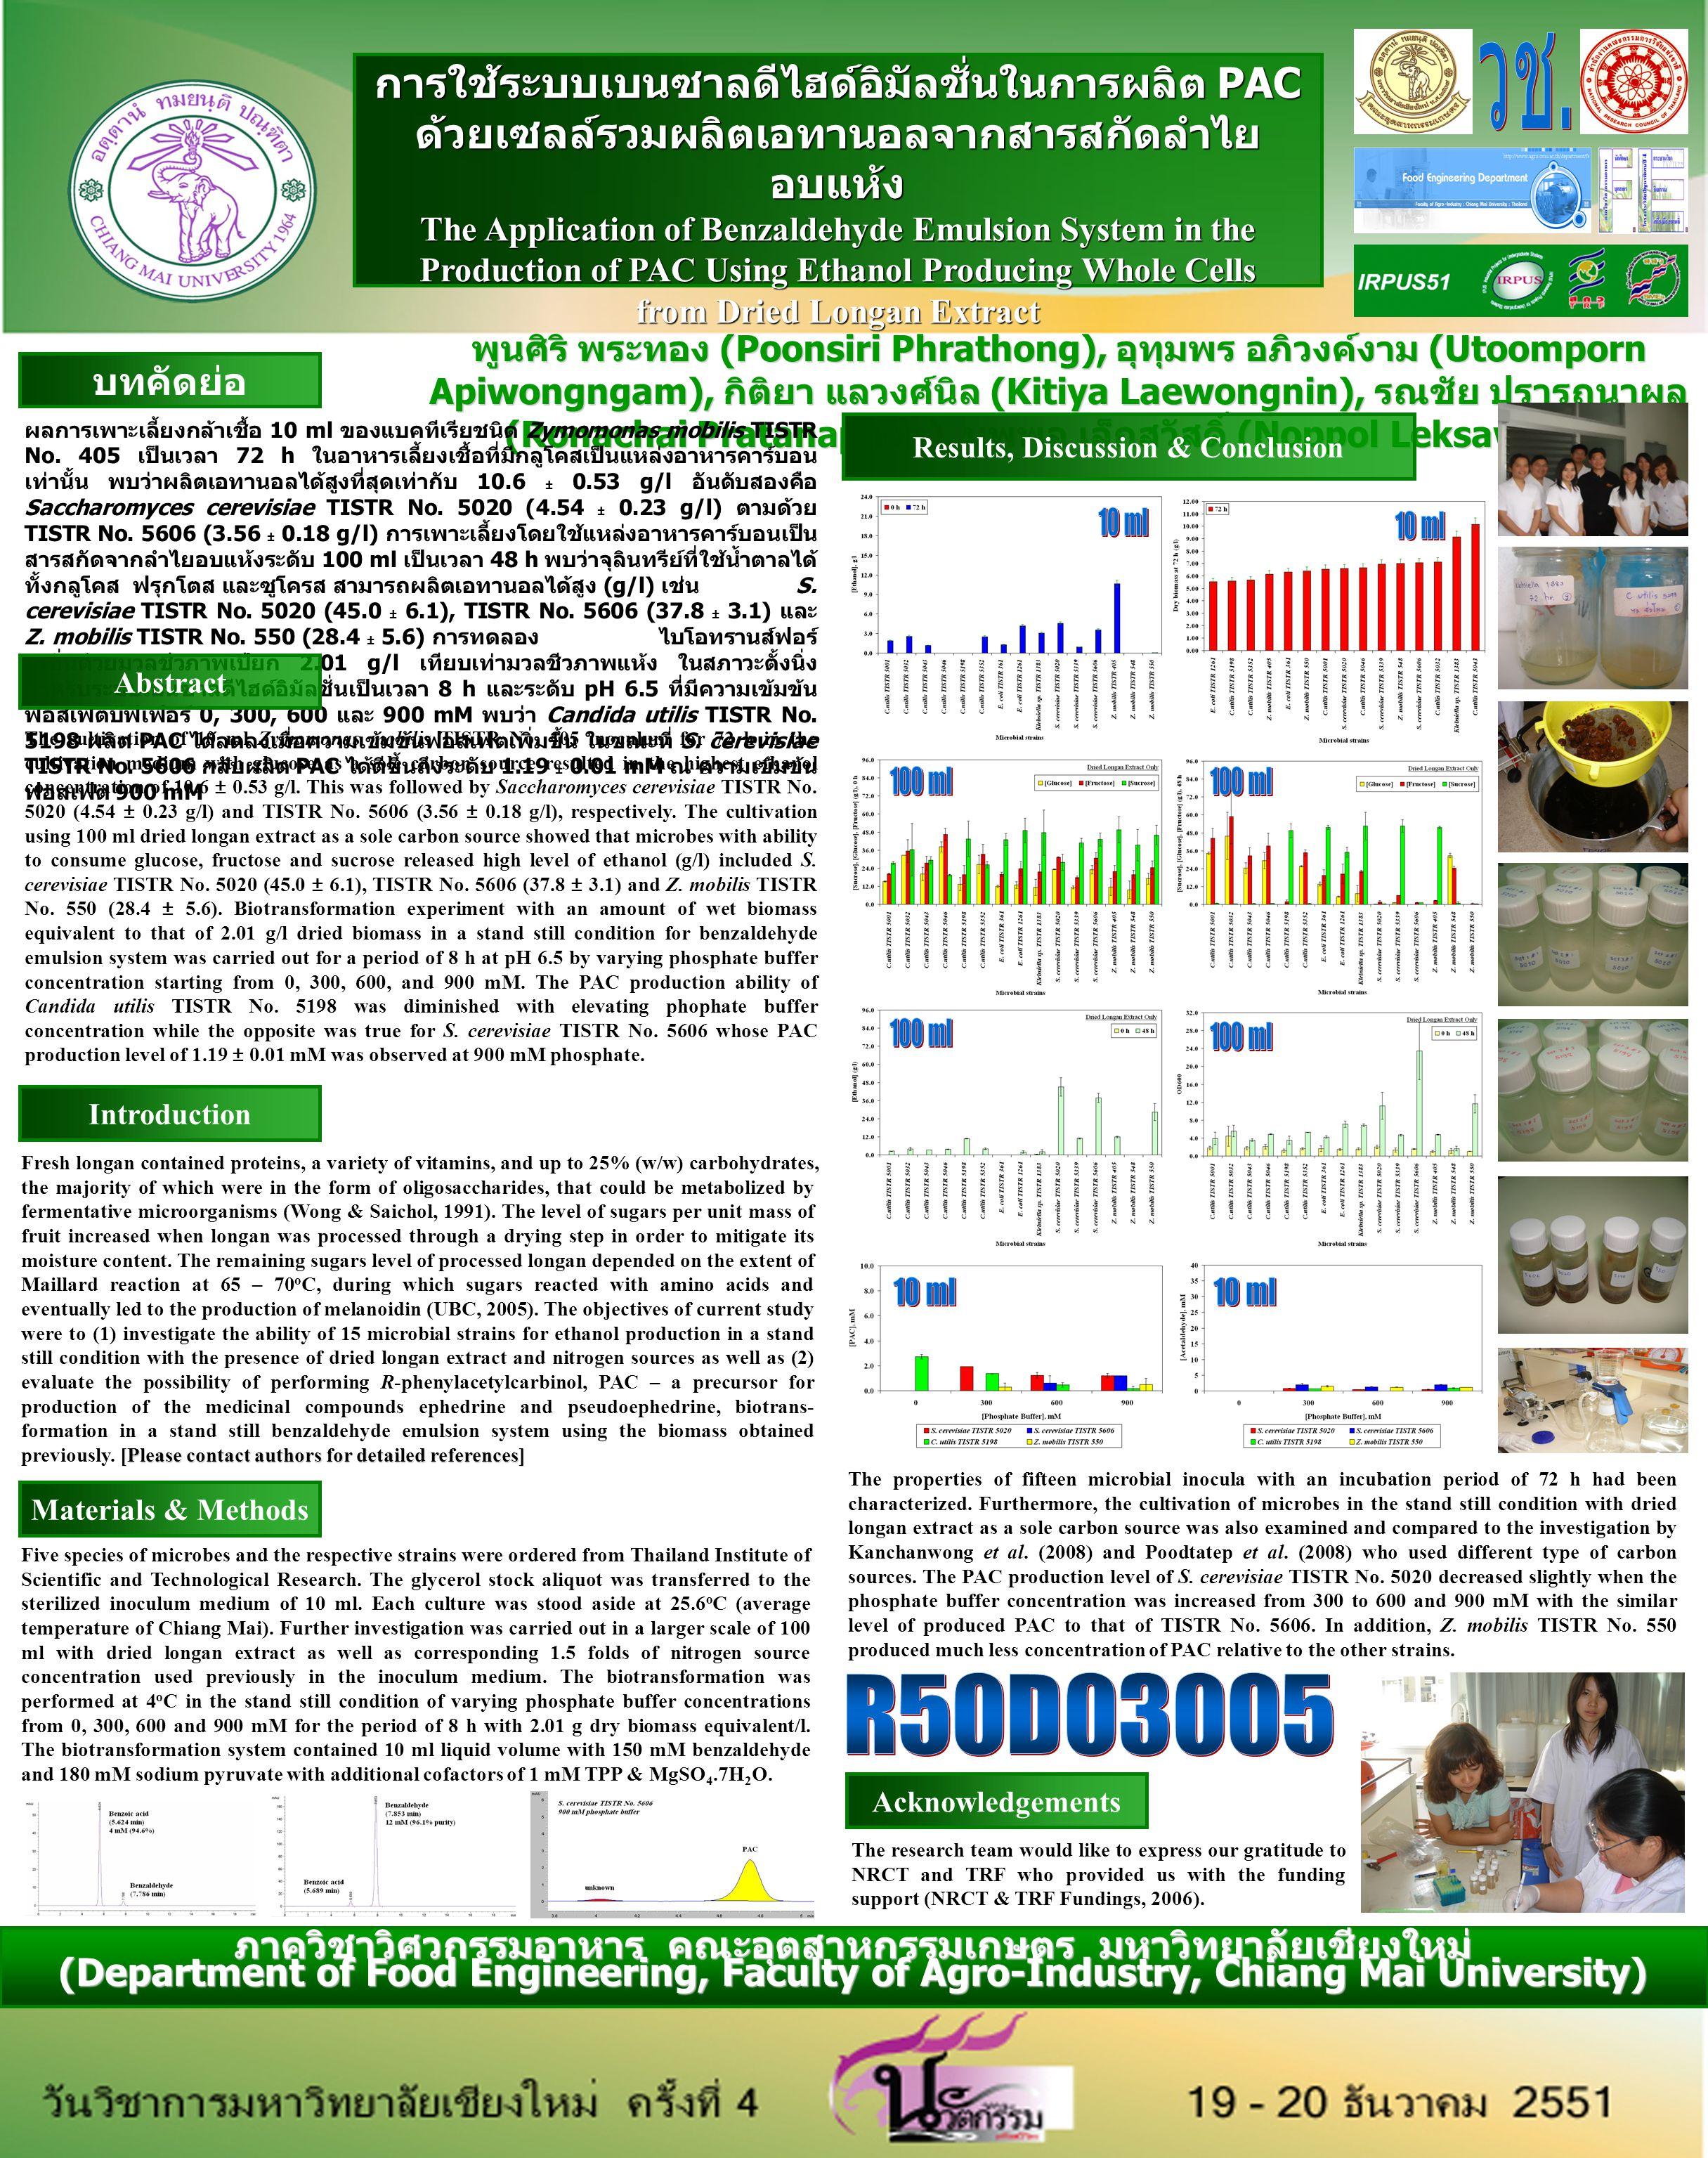 การใช้ระบบเบนซาลดีไฮด์อิมัลชั่นในการผลิต PAC ด้วยเซลล์รวมผลิตเอทานอลจากสารสกัดลำไย อบแห้ง The Application of Benzaldehyde Emulsion System in the Production of PAC Using Ethanol Producing Whole Cells from Dried Longan Extract พูนศิริ พระทอง (Poonsiri Phrathong), อุทุมพร อภิวงค์งาม (Utoomporn Apiwongngam), กิติยา แลวงศ์นิล (Kitiya Laewongnin), รณชัย ปรารถนาผล (Ronachai Pratanaphon), นพพล เล็กสวัสดิ์ (Noppol Leksawasdi) บทคัดย่อ ผลการเพาะเลี้ยงกล้าเชื้อ 10 ml ของแบคทีเรียชนิด Zymomonas mobilis TISTR No.